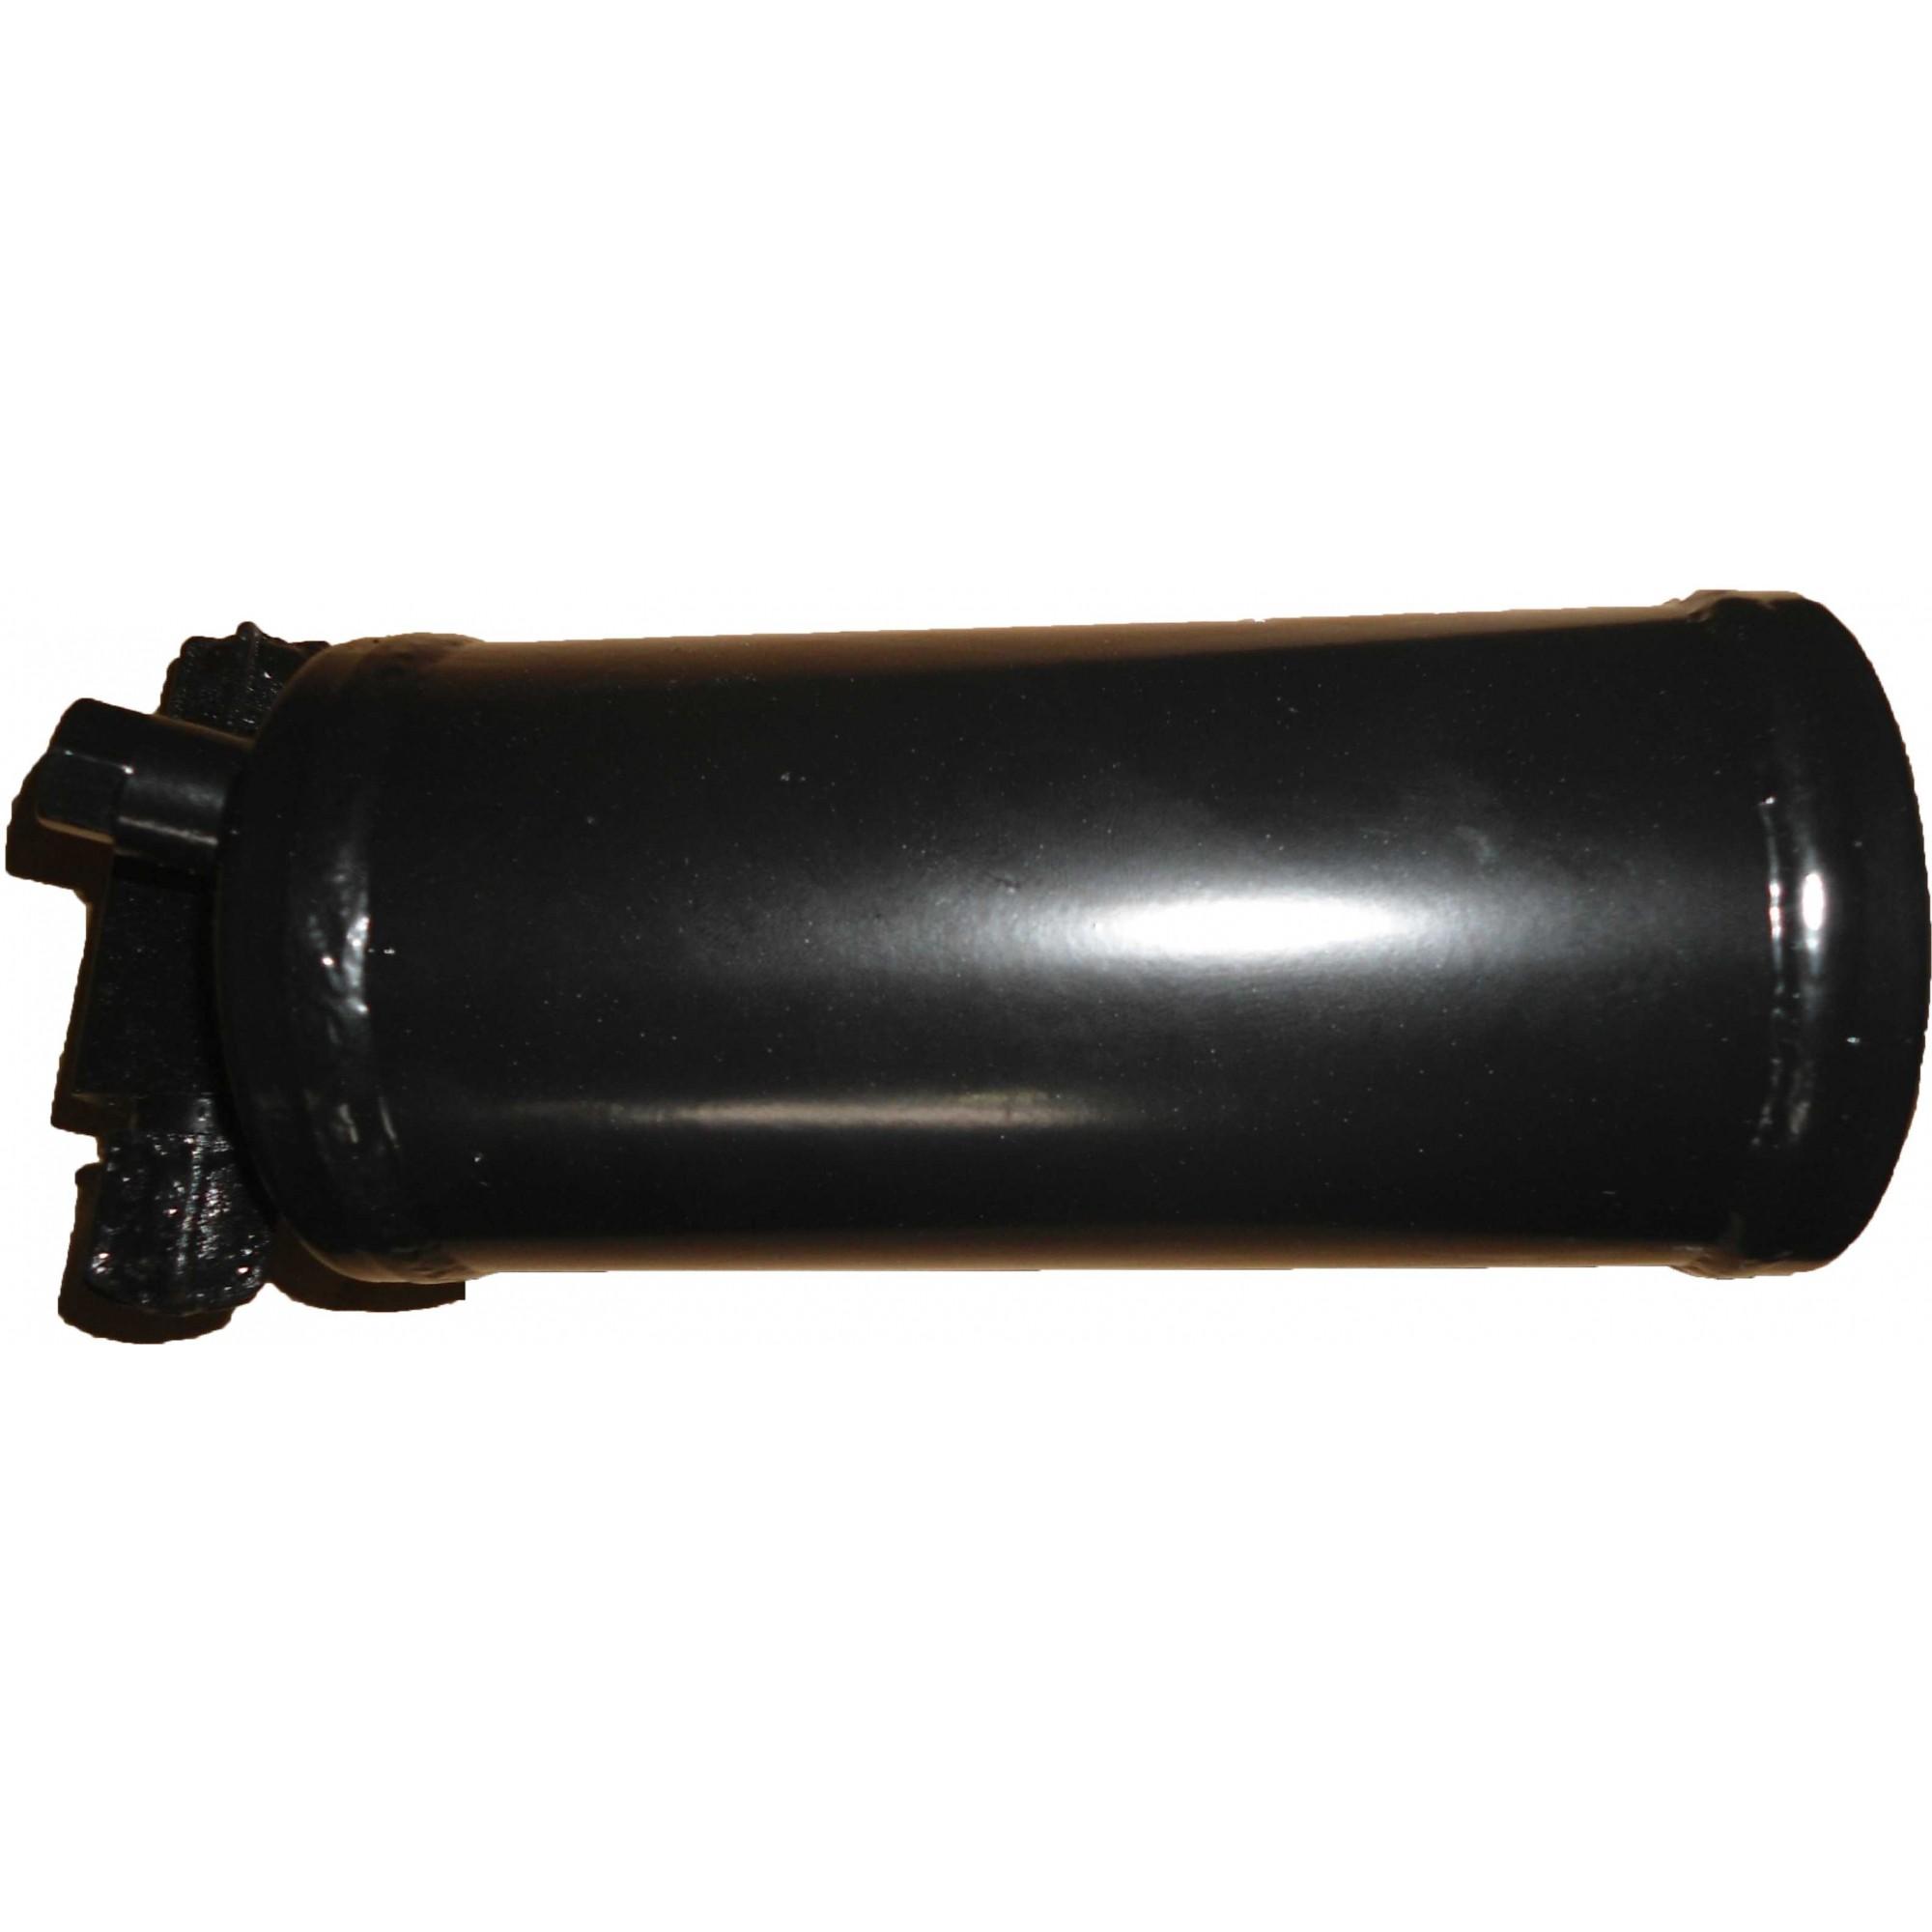 Filtro Secador Universal Massey/volvo G960 P/ 1 Pressostato